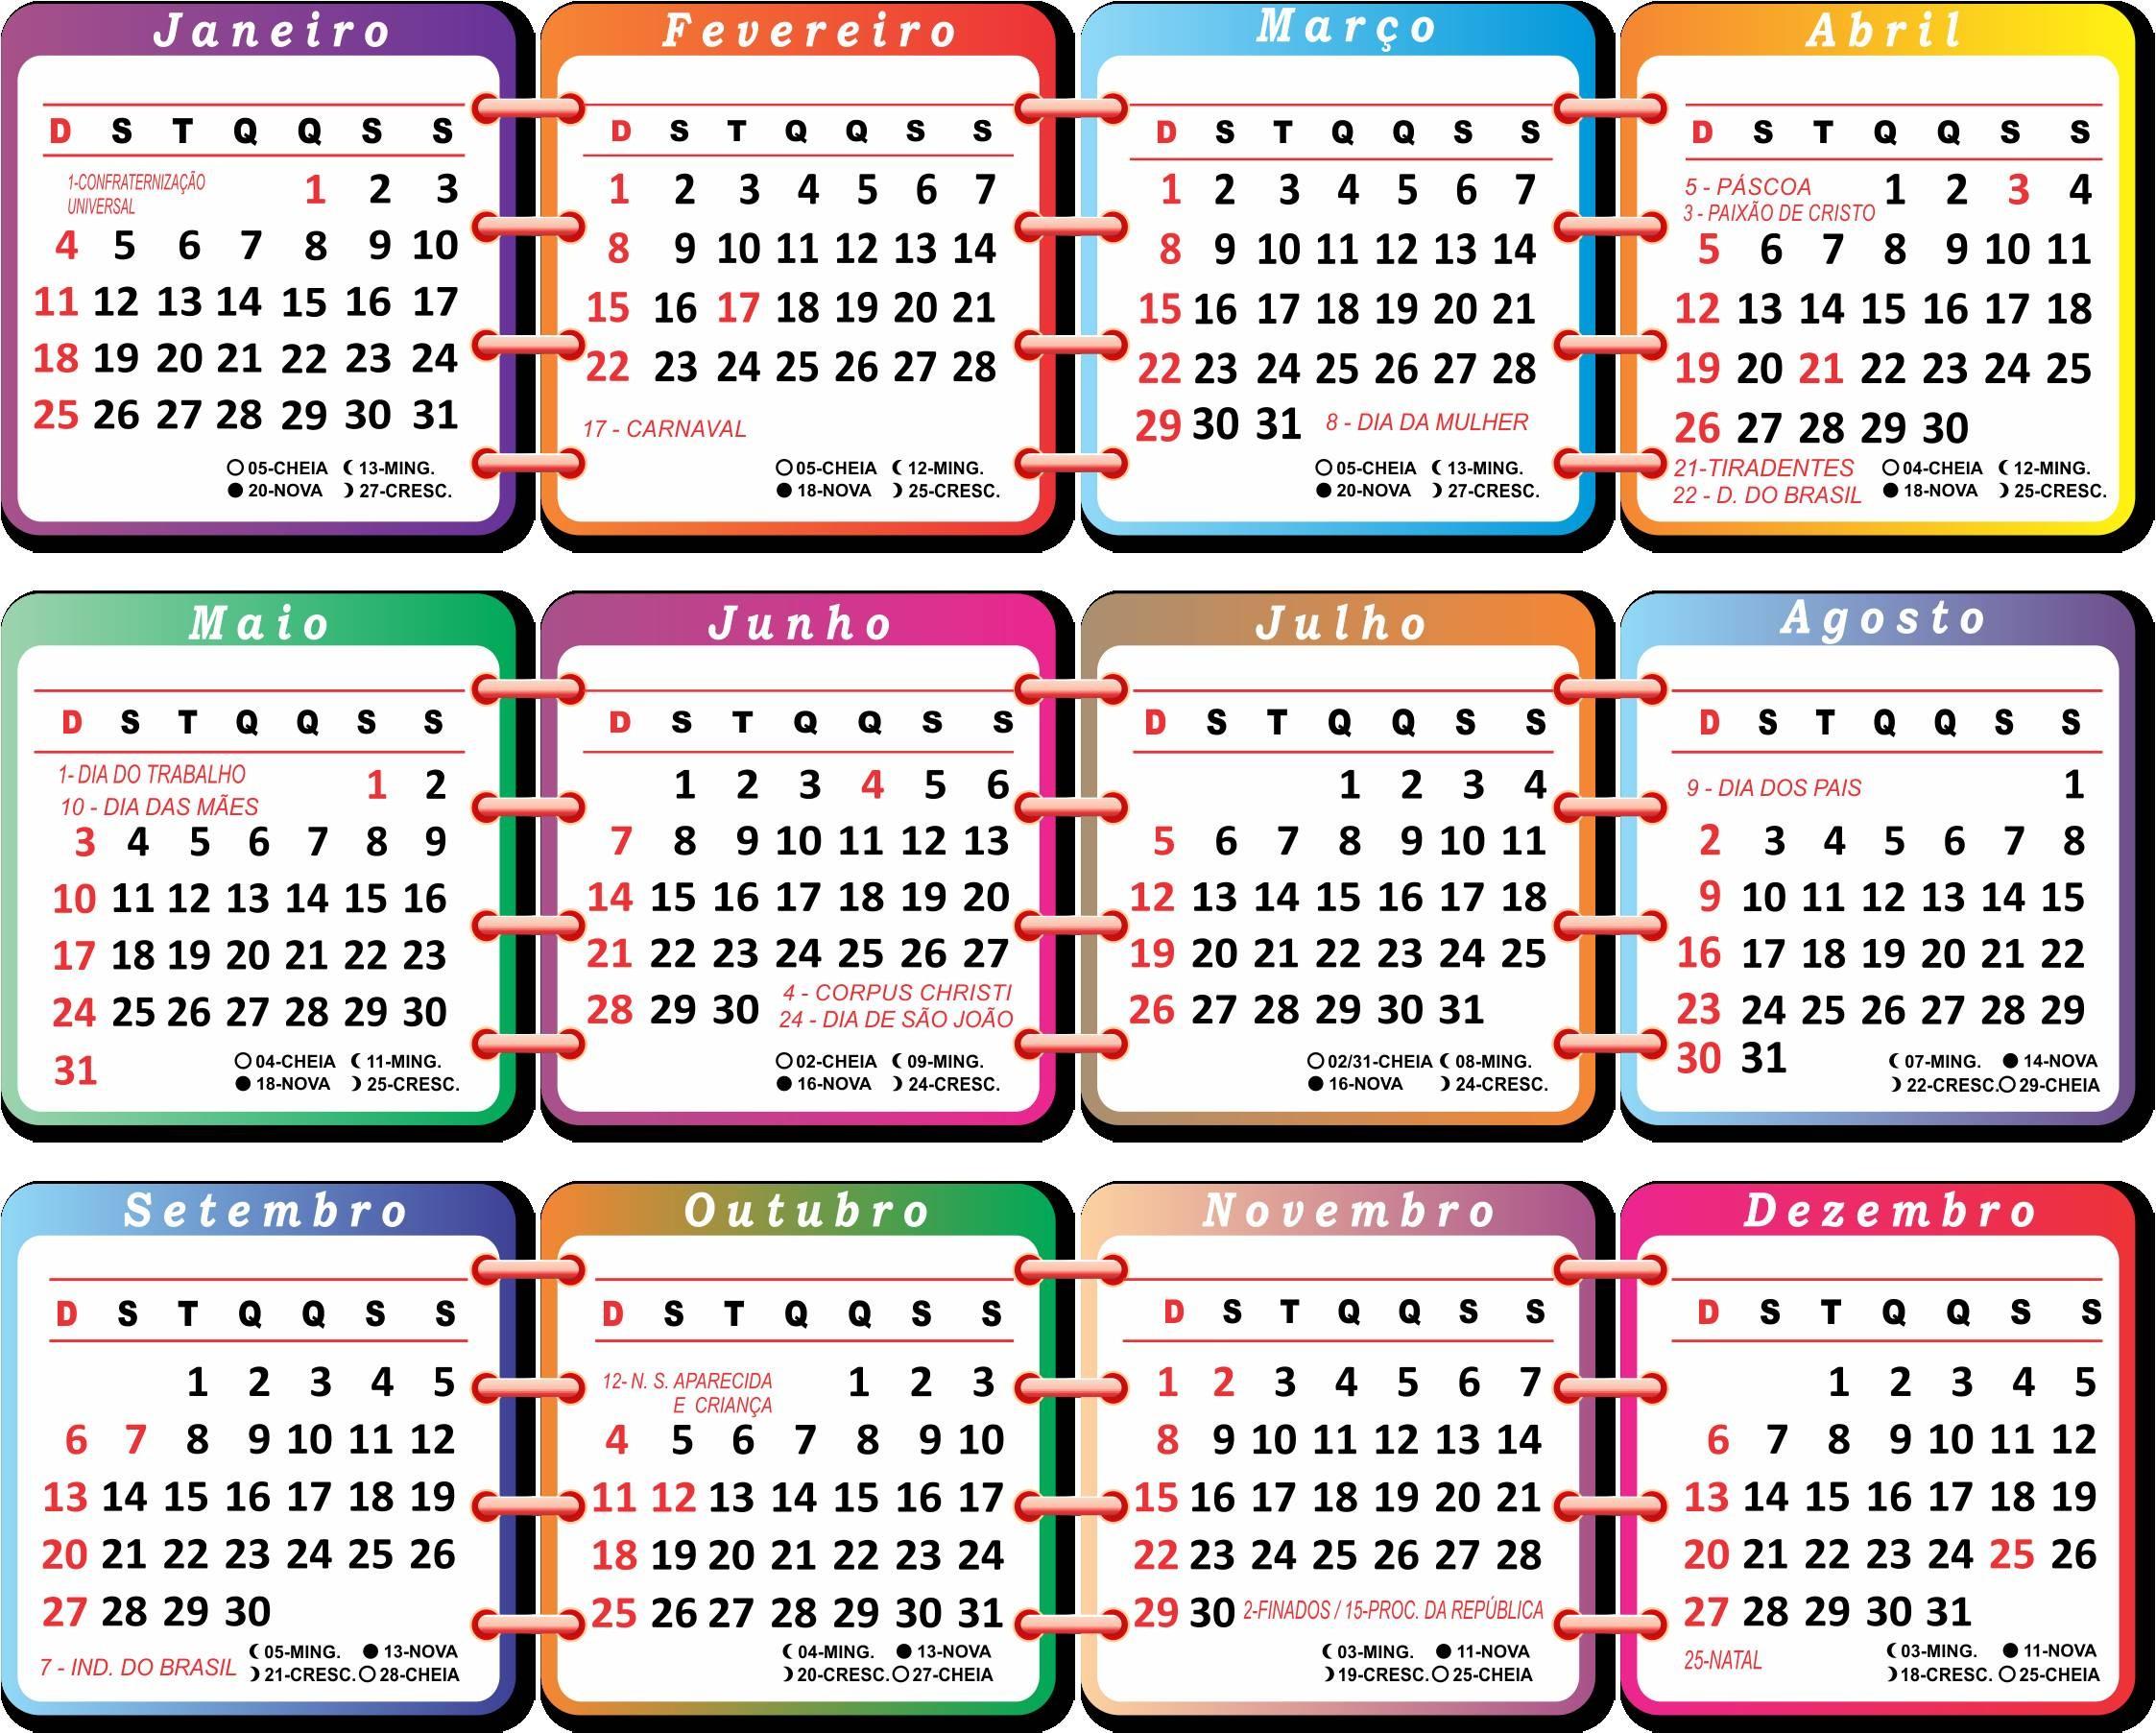 Calendário 2019 Com Feriados Nacionais Más Caliente Calendrio Para Imprimir Outubro 2017 Feriados Pblicos No Brasil Of Calendário 2019 Com Feriados Nacionais Más Recientemente Liberado Feeds Rss Search Nasa Pdf Free Download